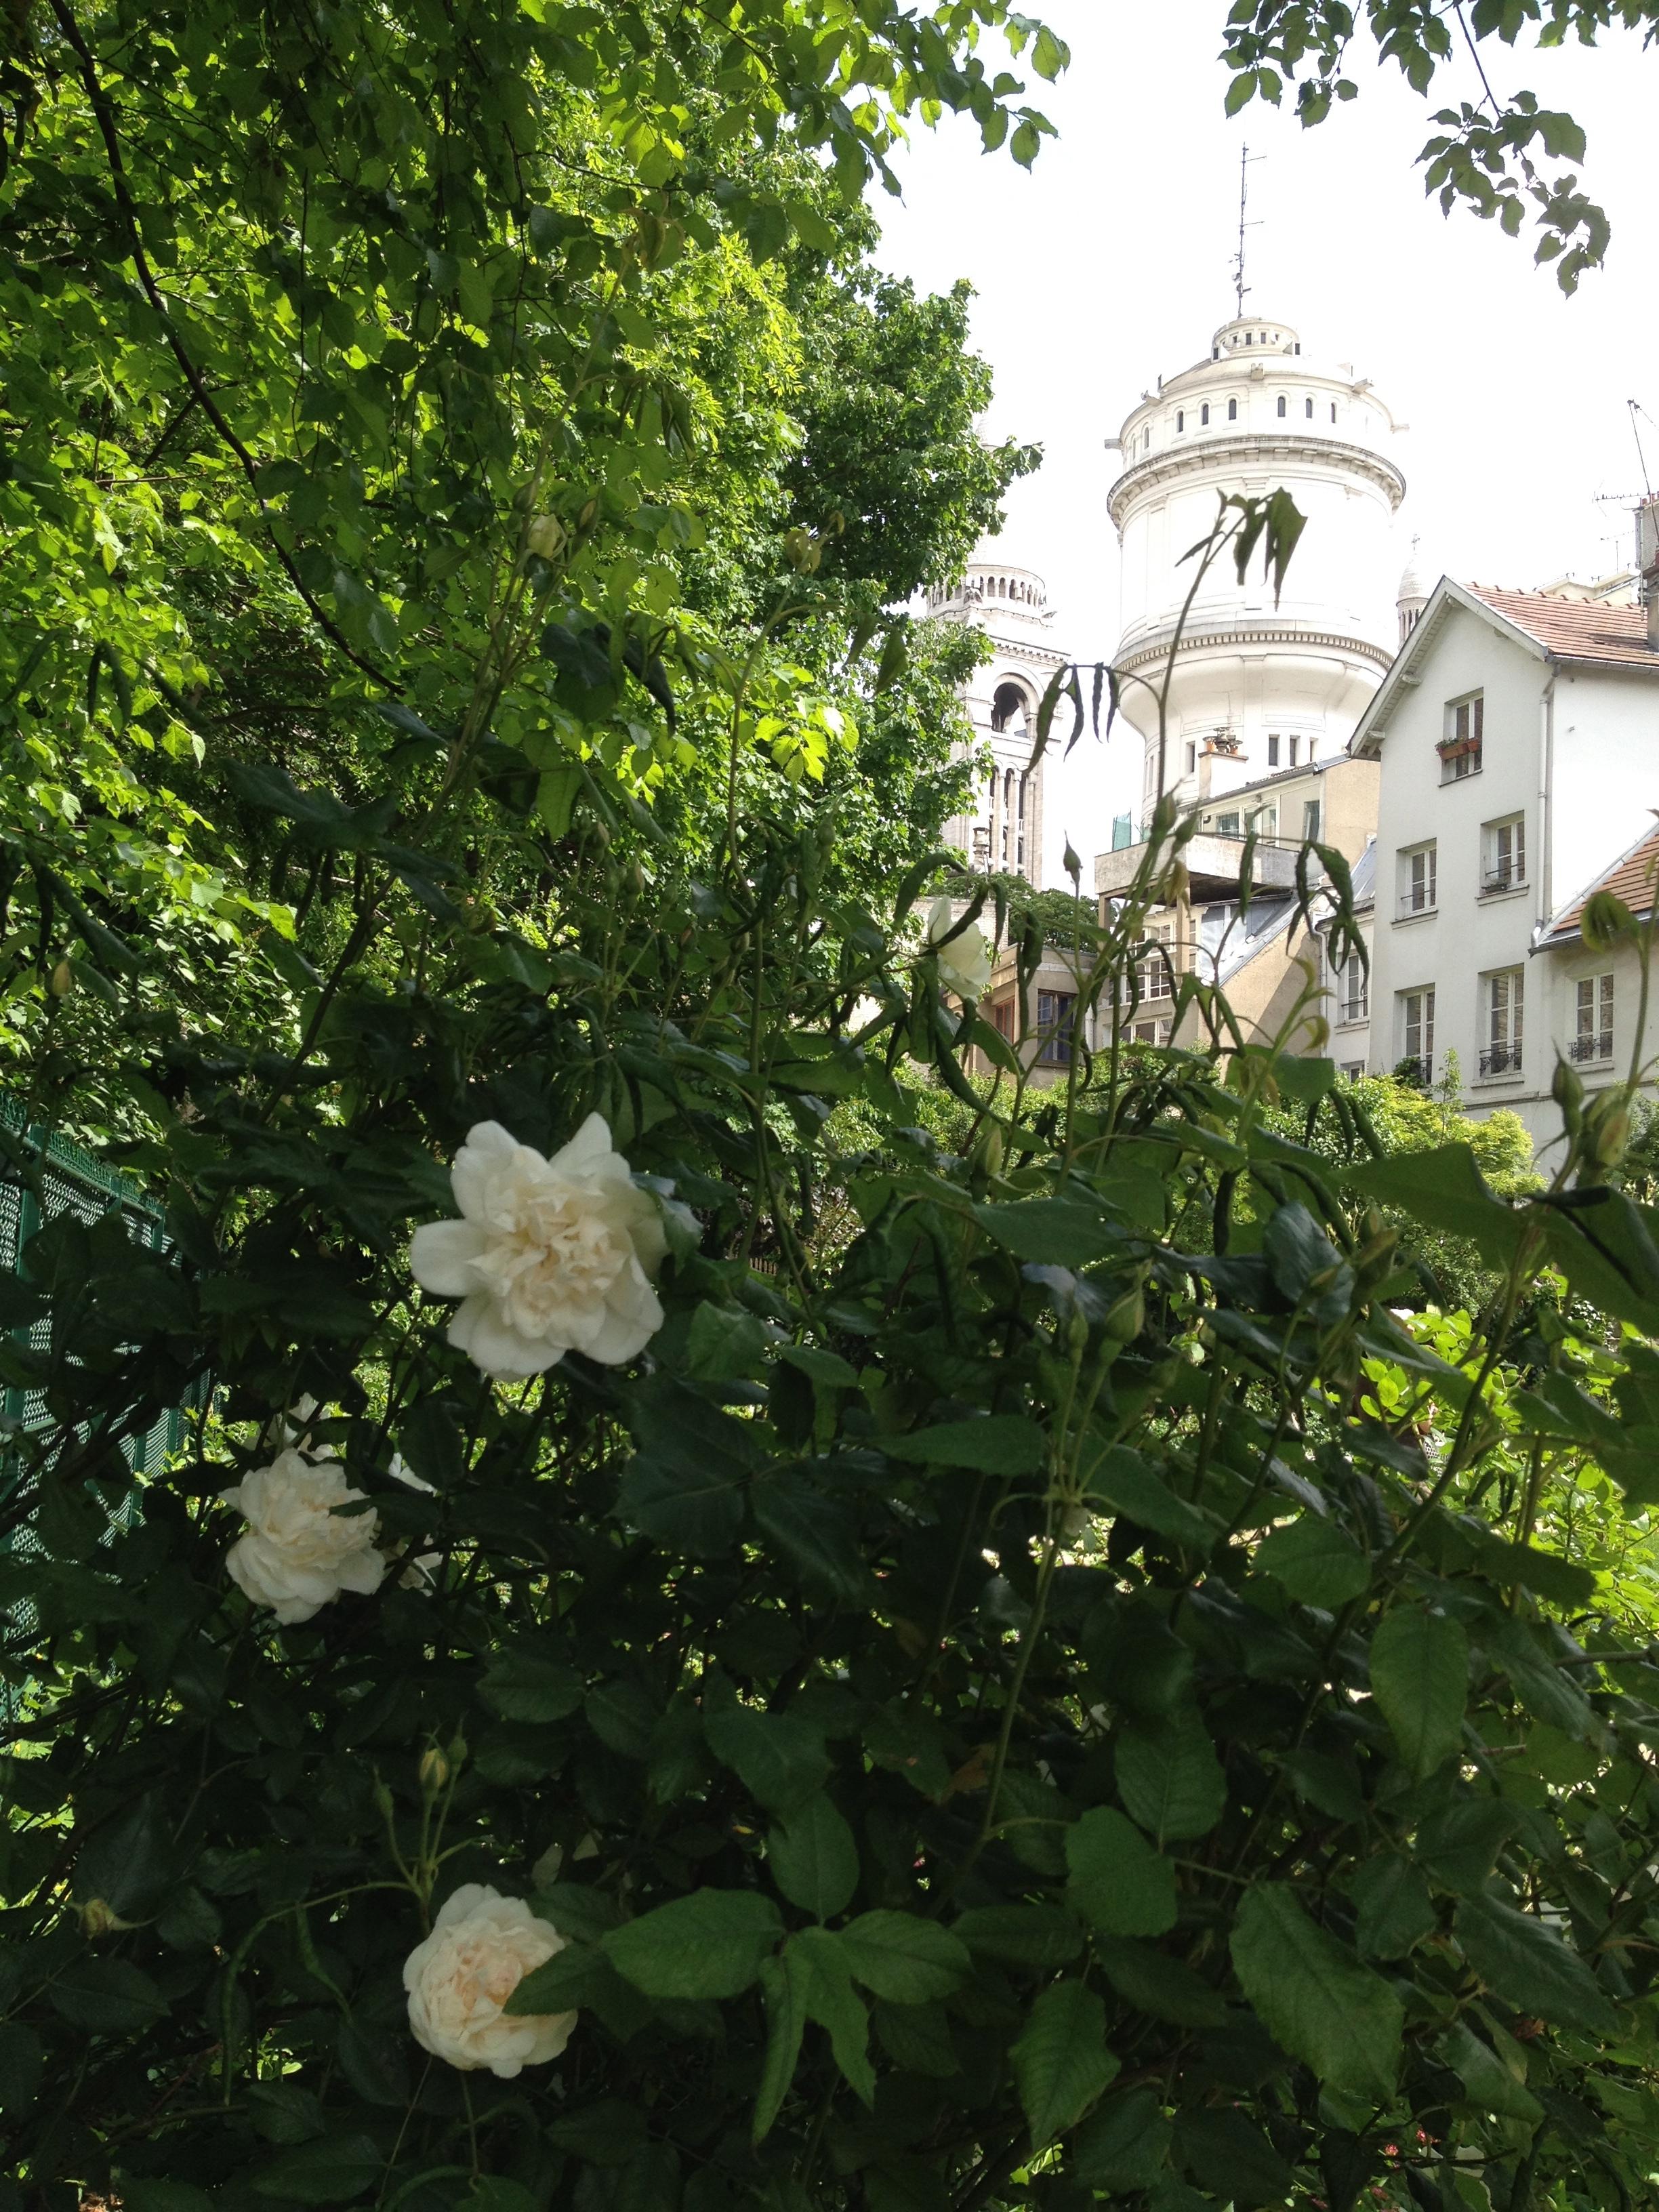 montmartre-jardins-renoir-pds13